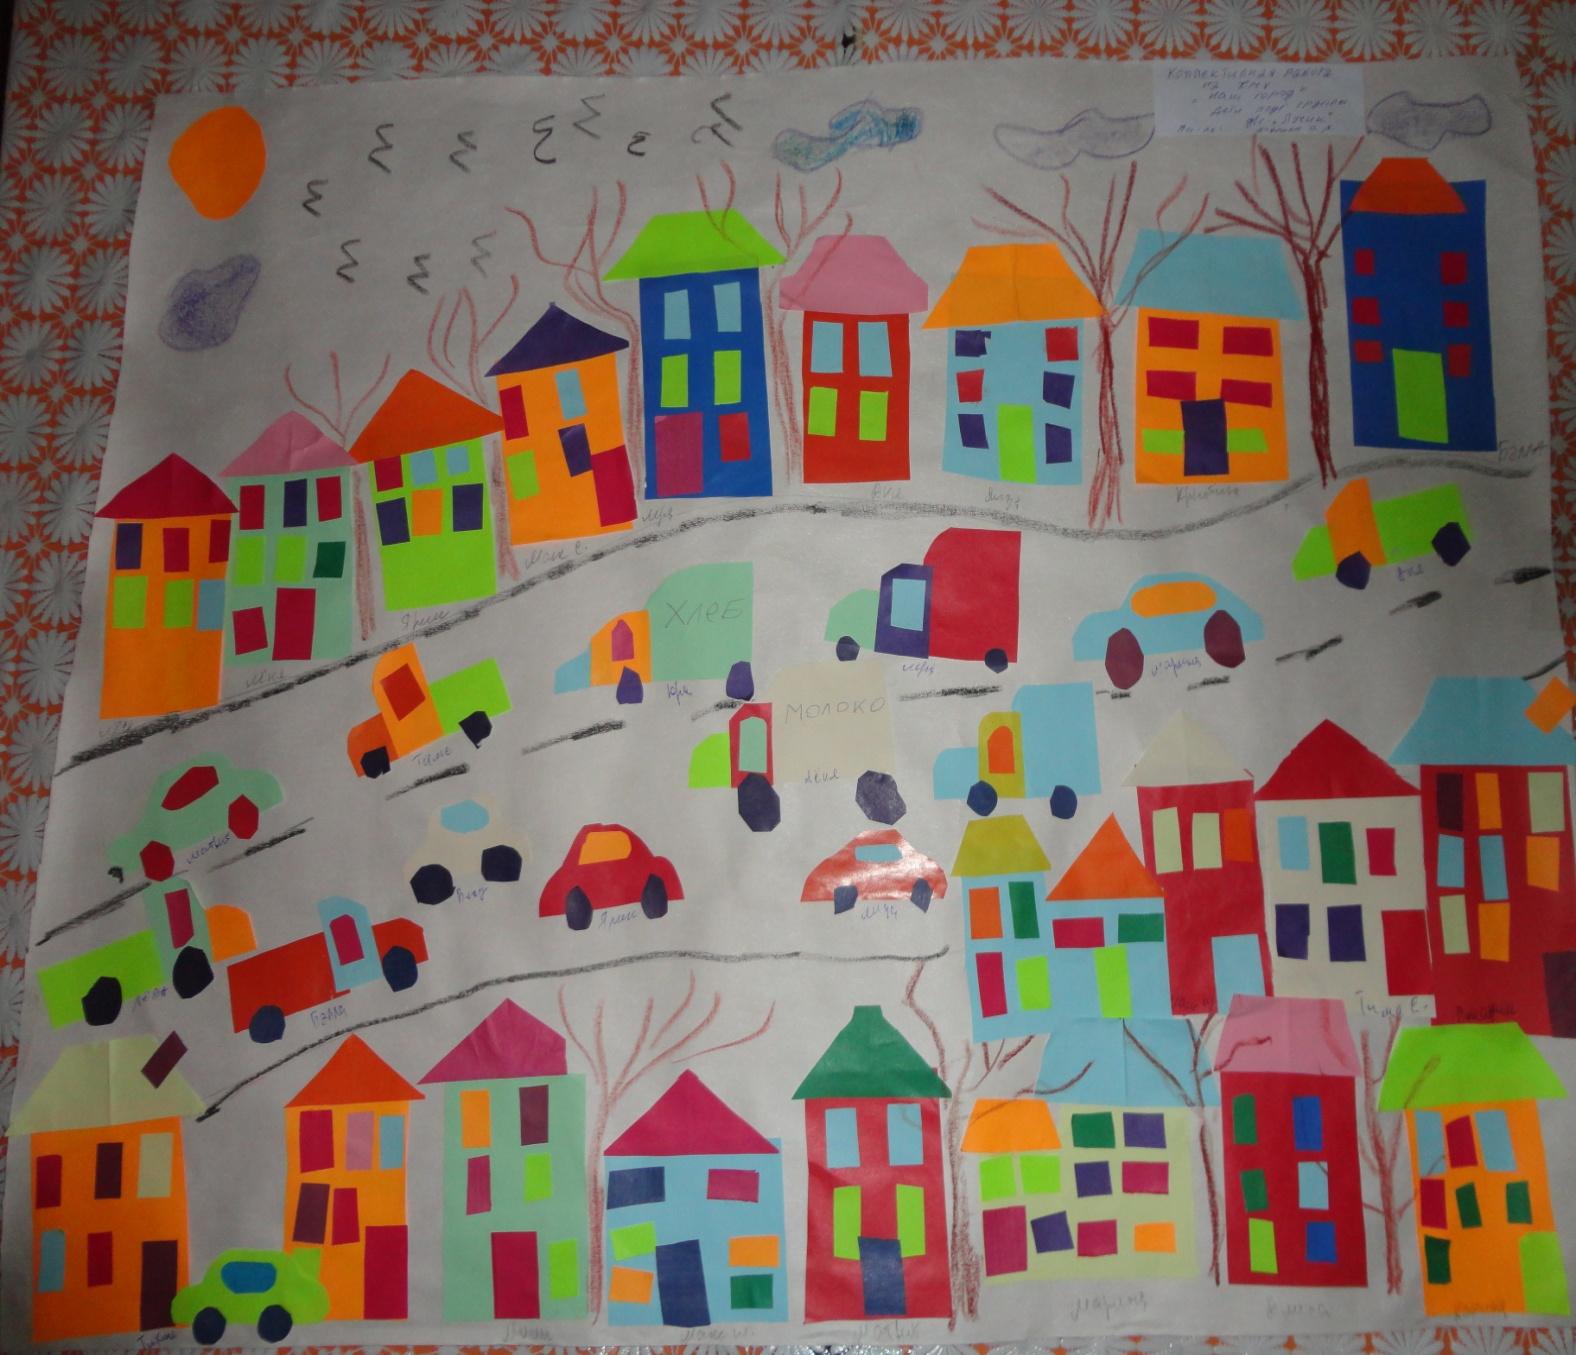 поделка открытка наш город огромного разнообразия тщательно